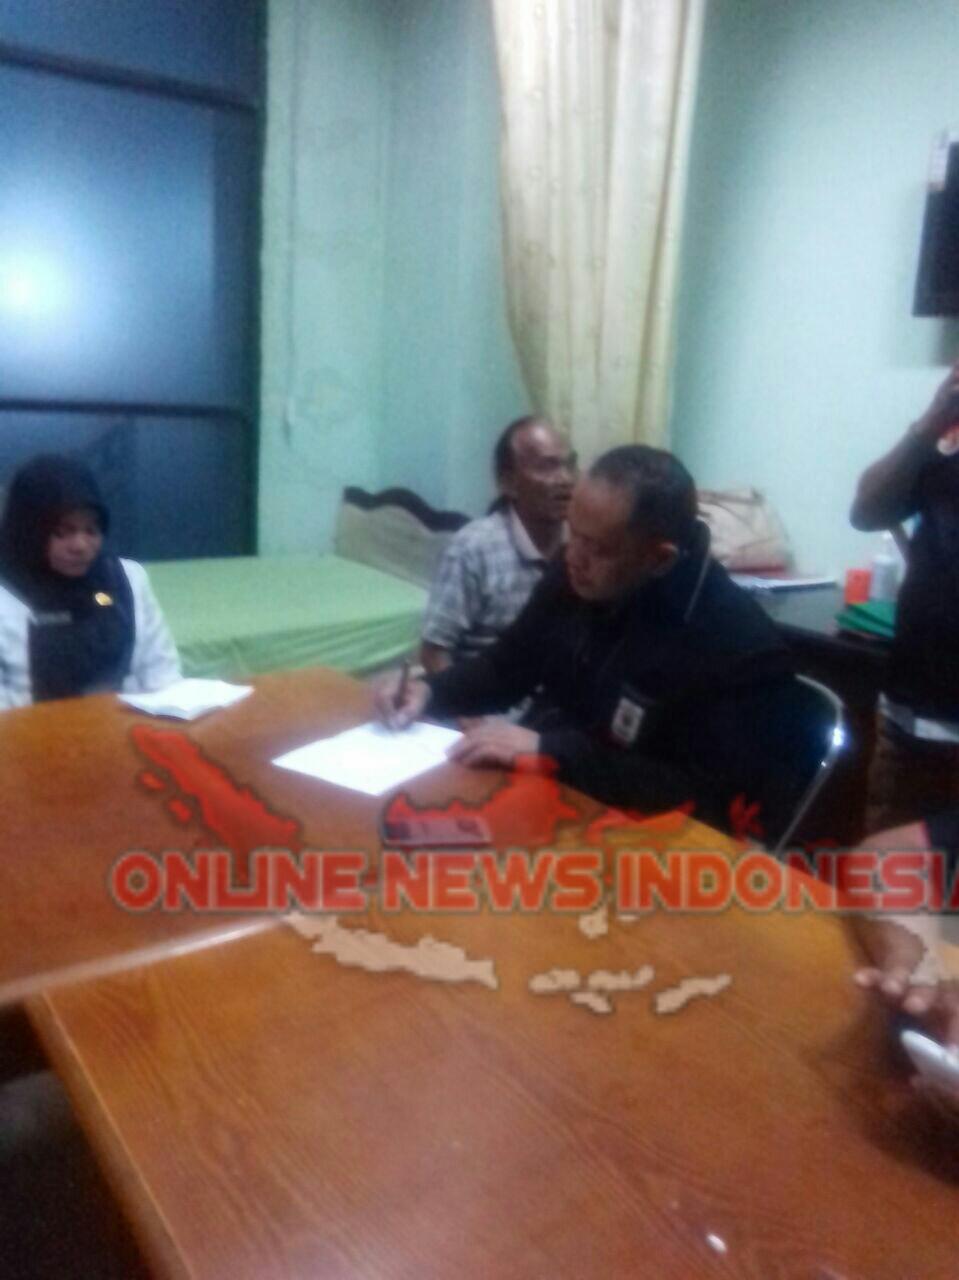 Foto : Ketua DPD JPKP Provinsi Sumut langsung mengadakan Investigasi pukul 23.00 ke rumah Sakit Pirngadi atas meninggalnya Pasien BPJS.